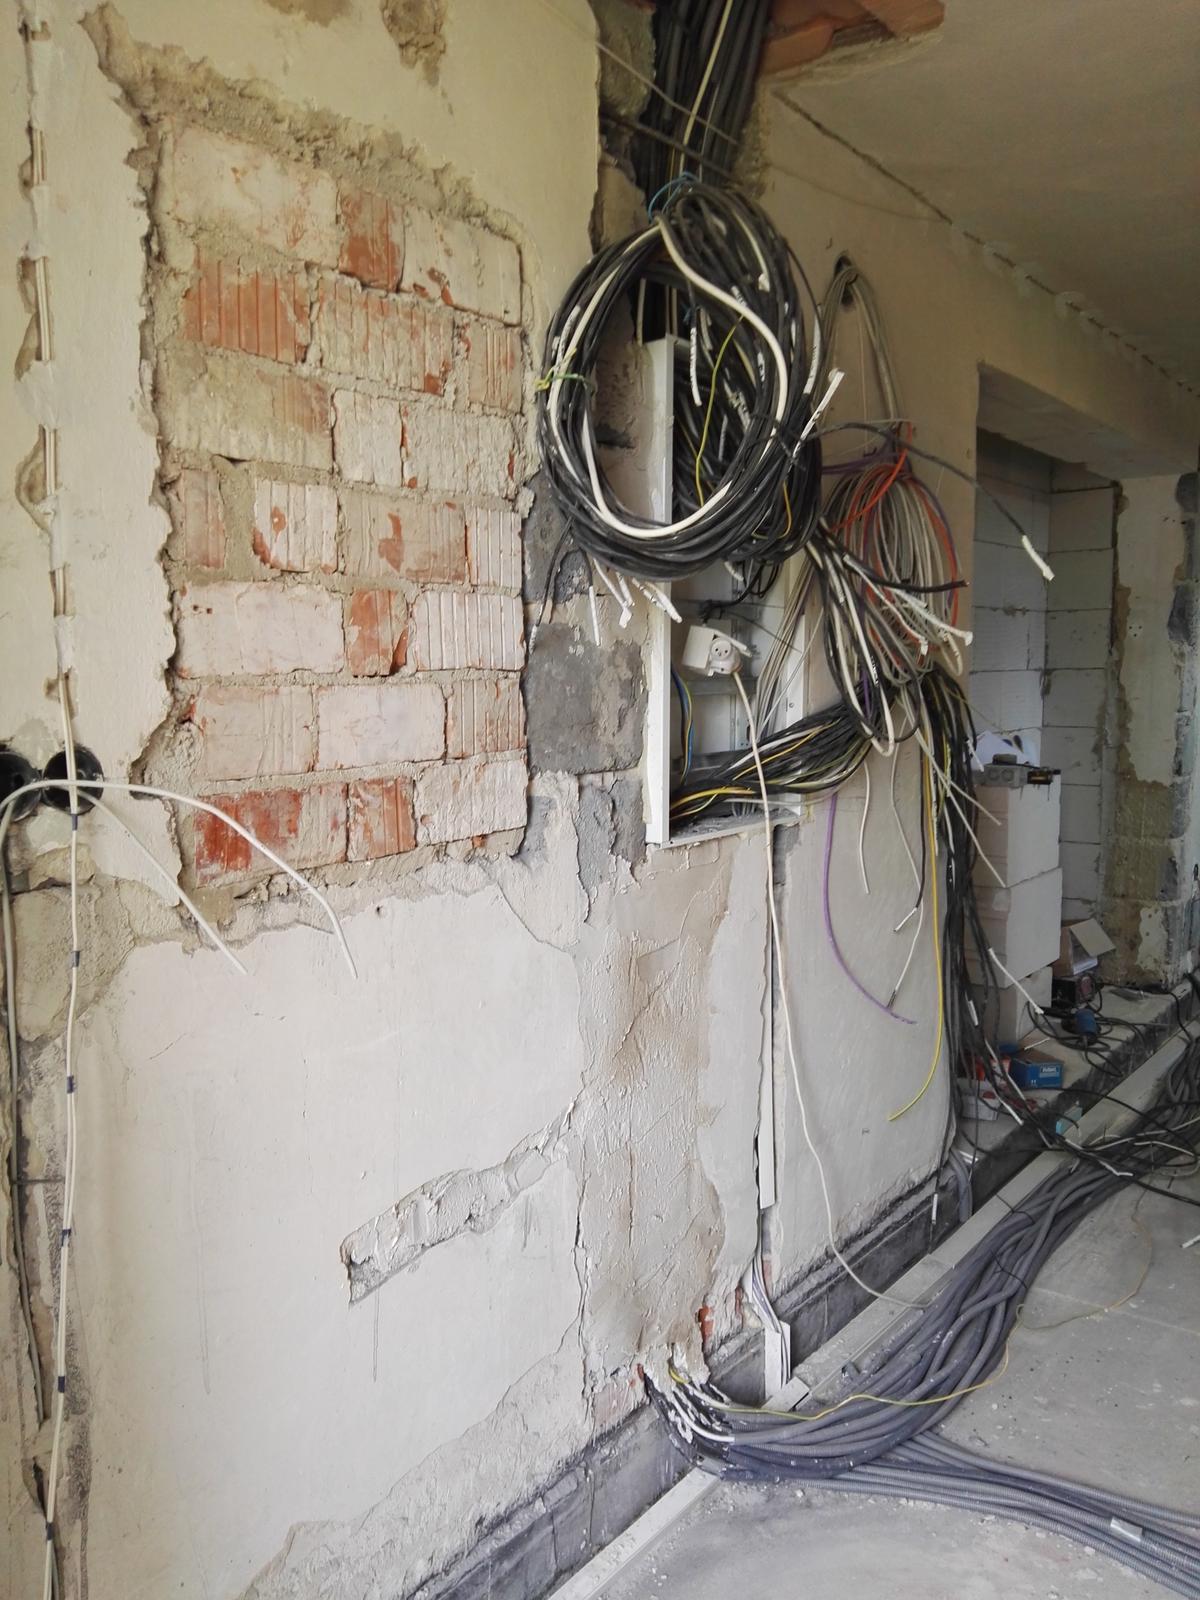 Rekonstrukcia RD - Zredukovali sme pocet rozvadzacov o 50%, po polrocnej sage s nazvom elektrika.